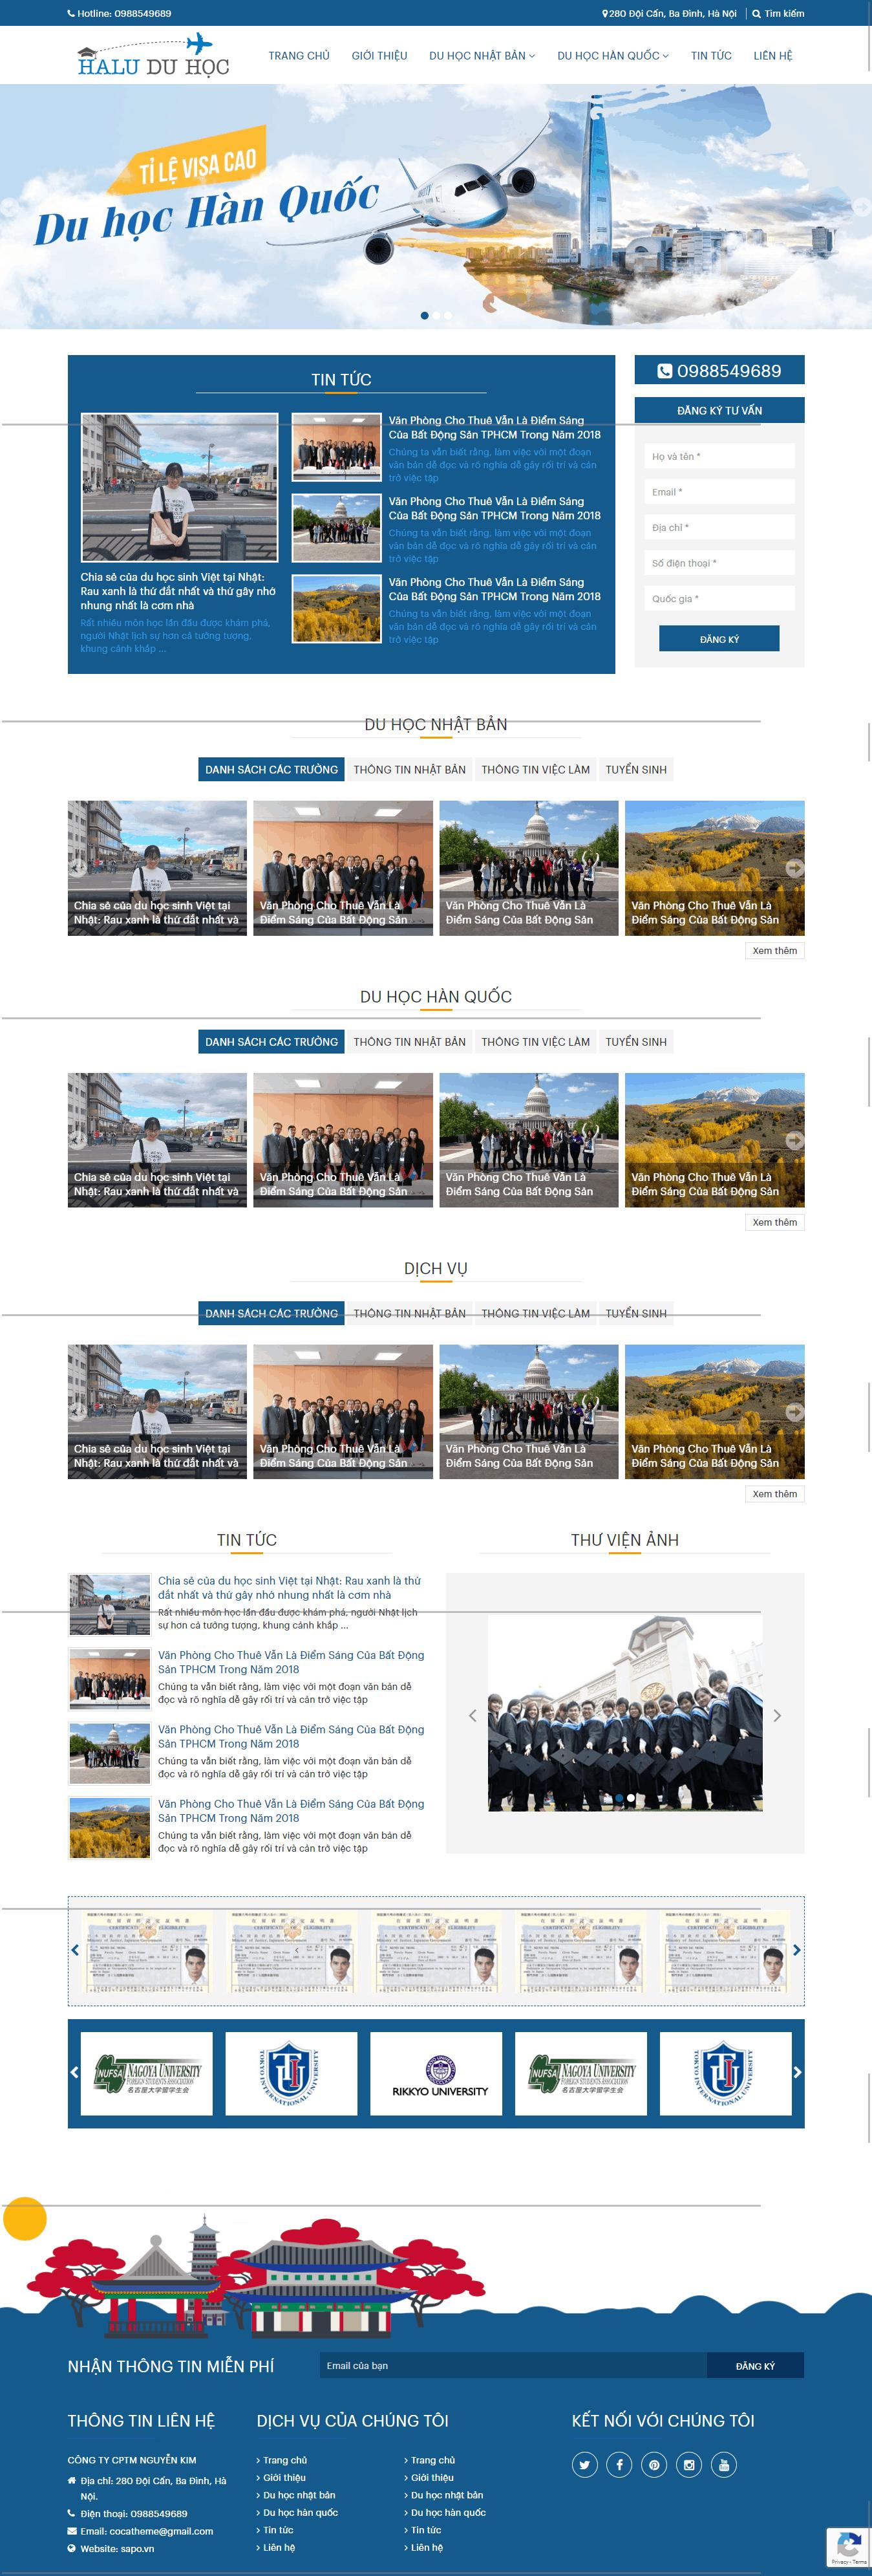 Thiết kế website Thiết kế website trường học Du hoc halu